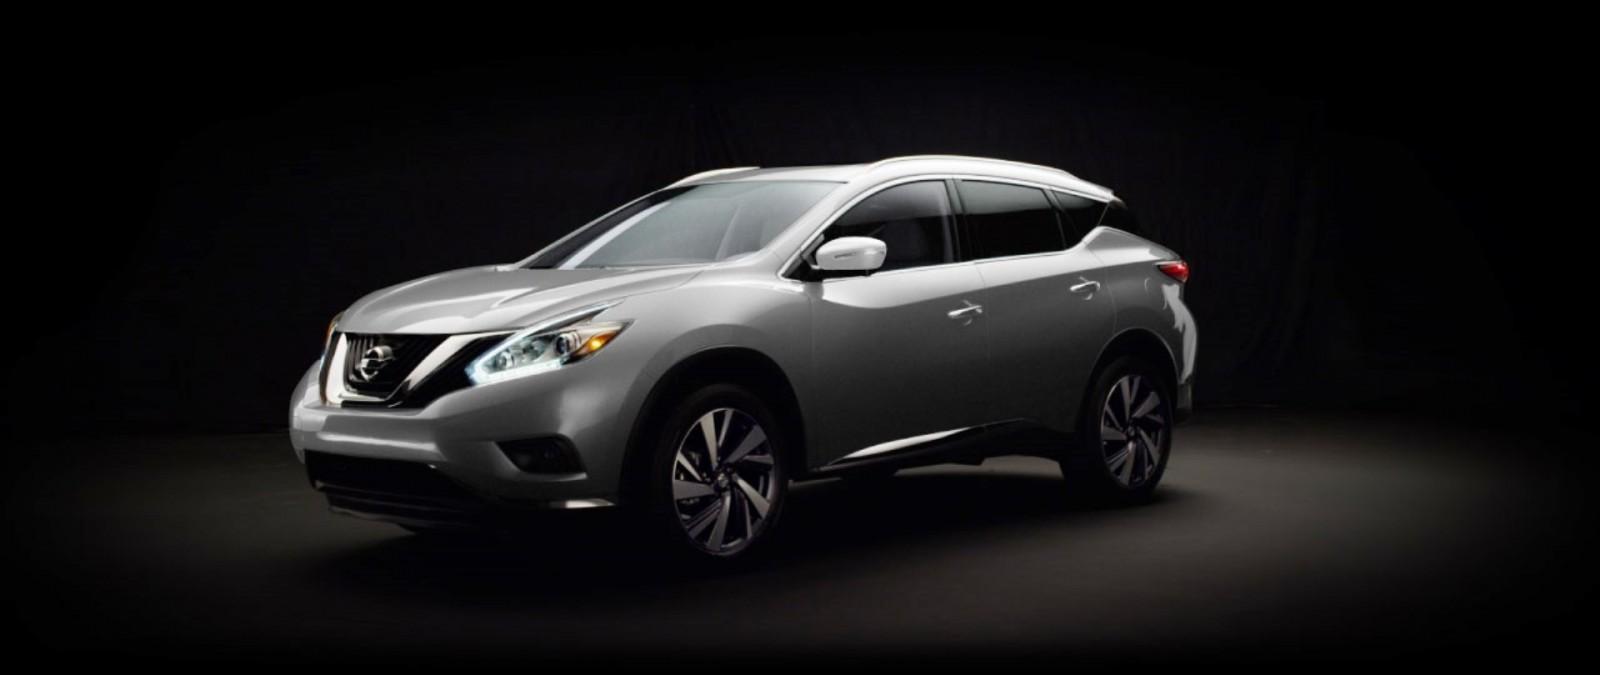 2015 Nissan Murano Brilliant Silver 7